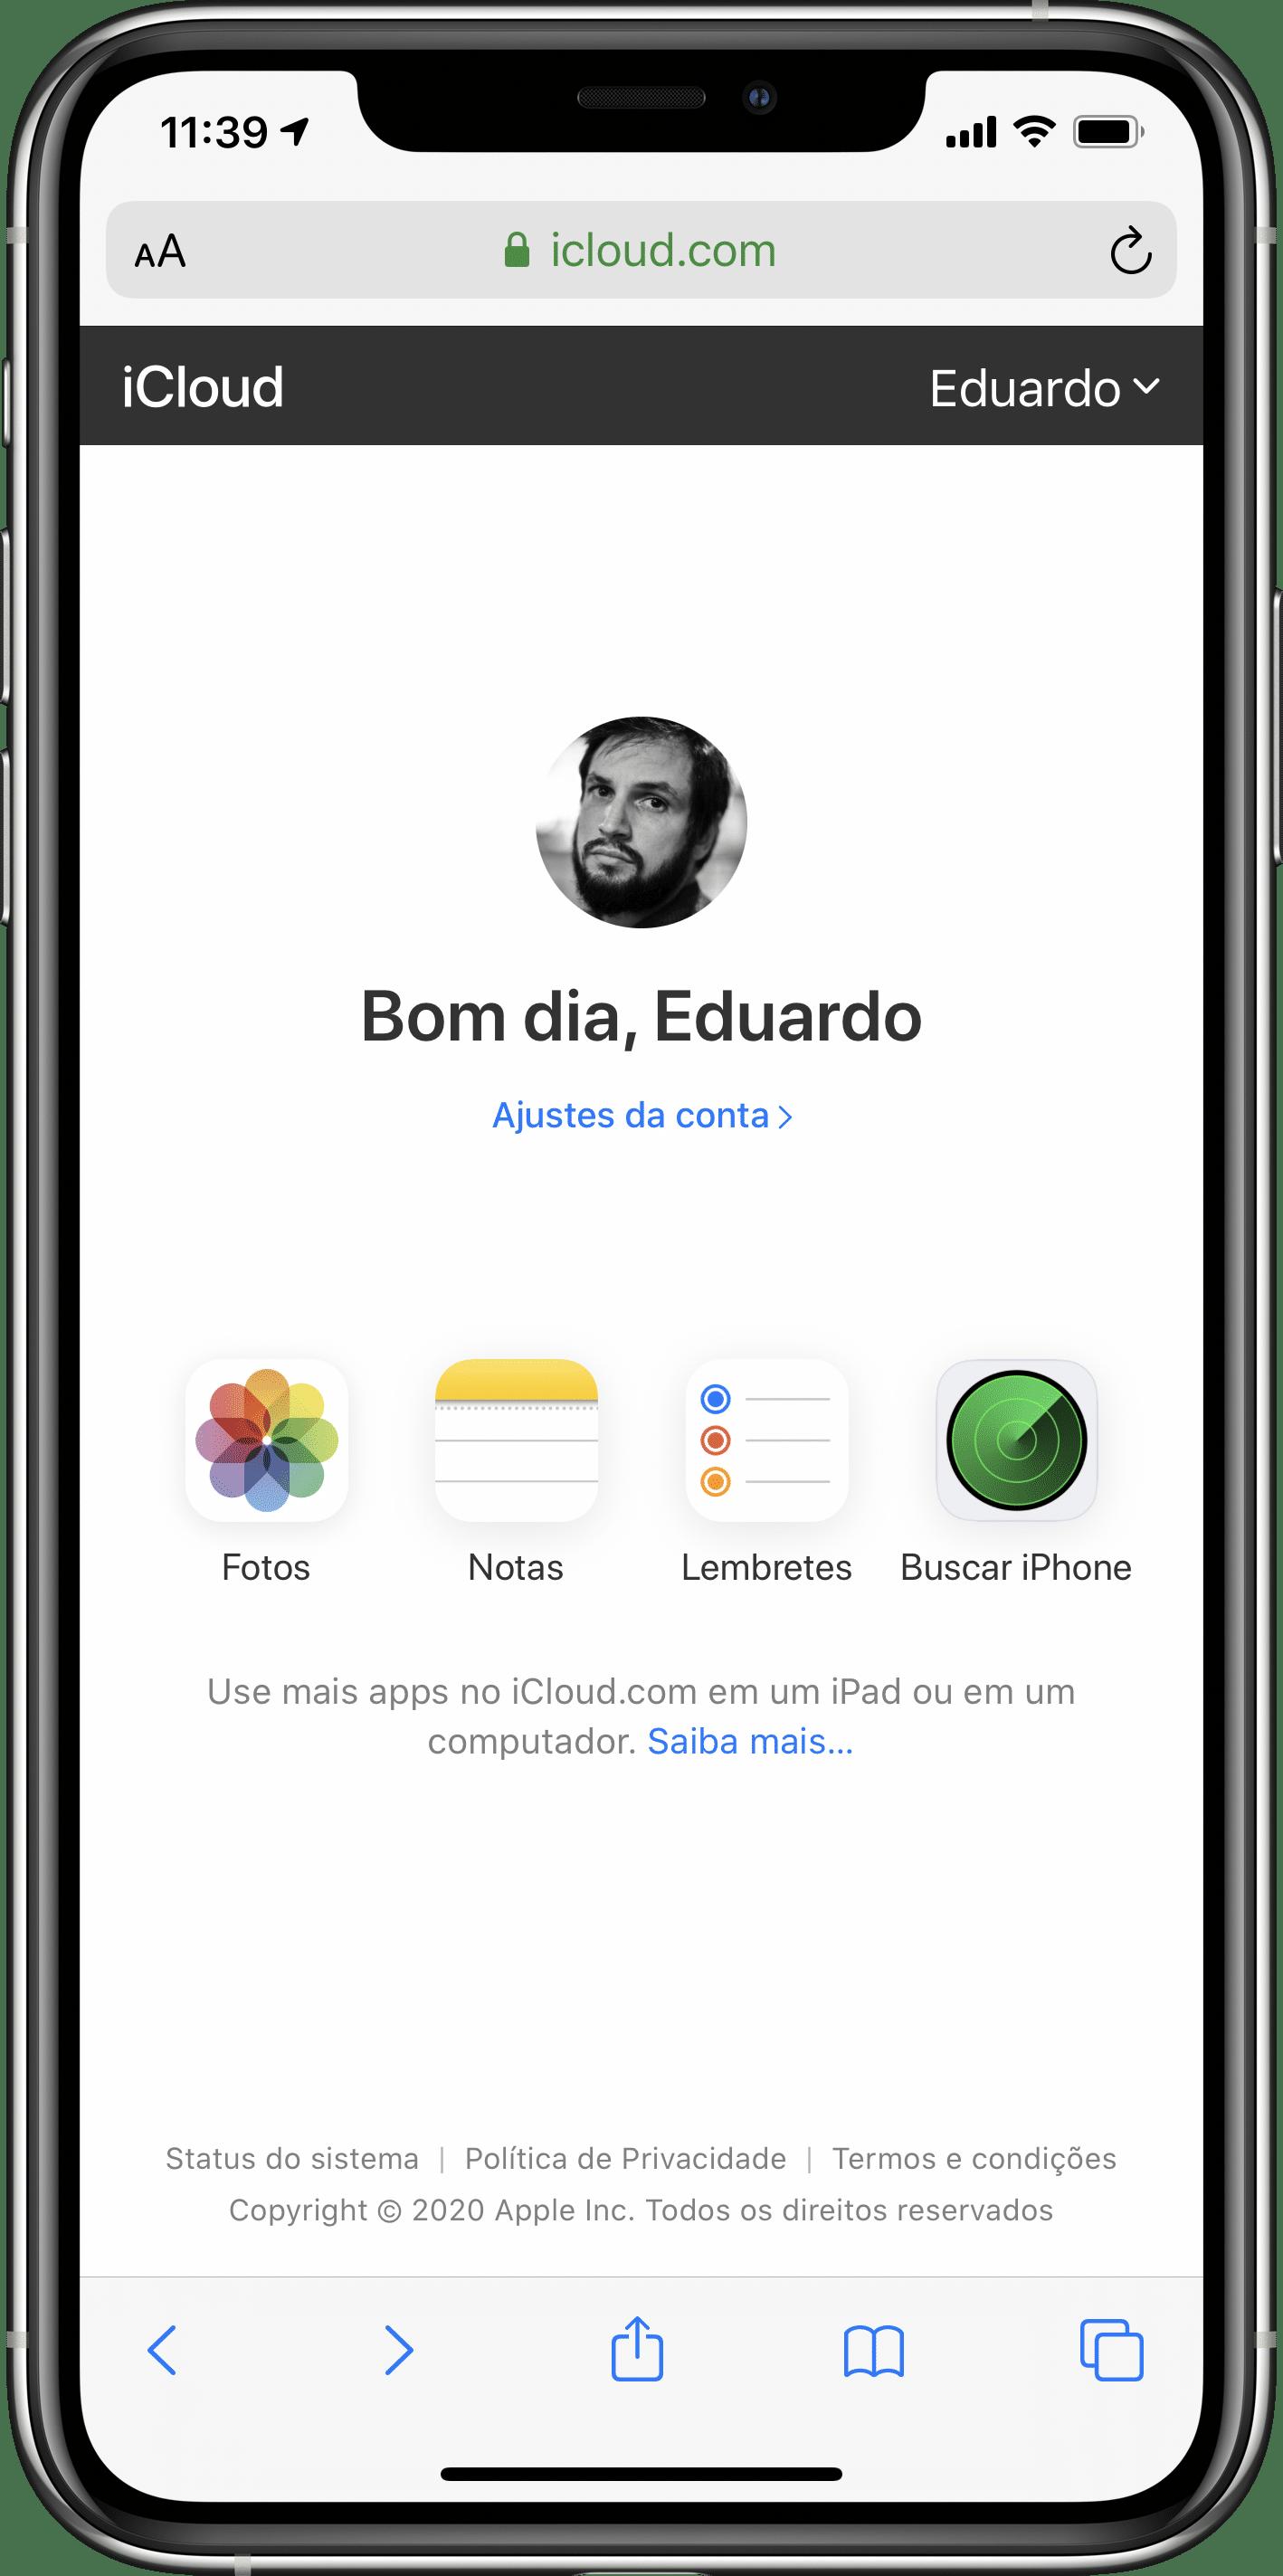 Acessando o iCloud.com pelo iPhone